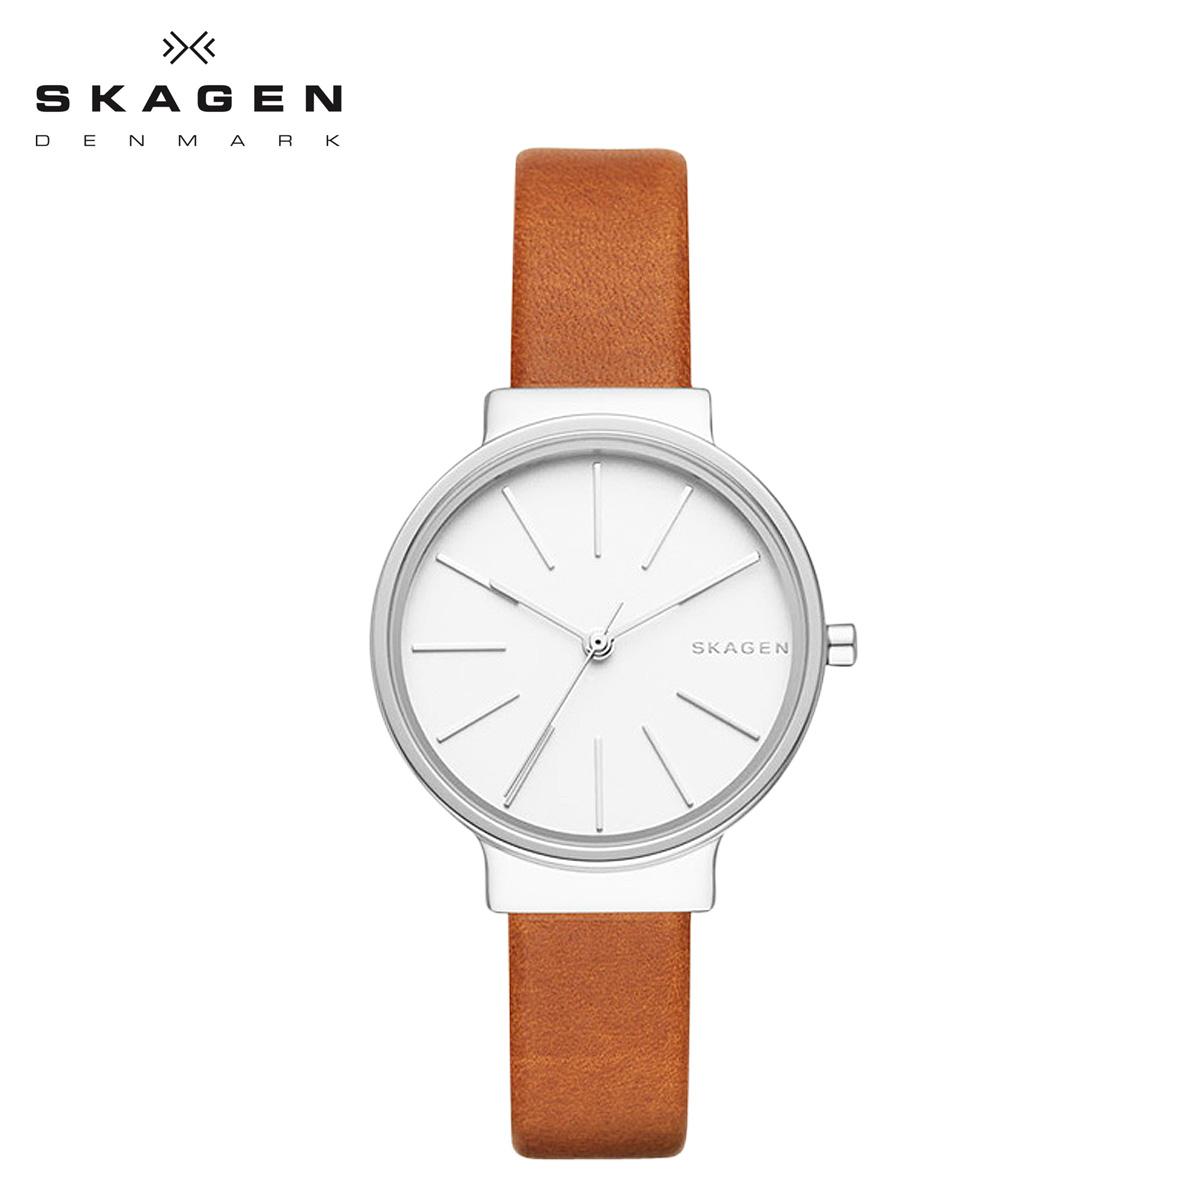 スカーゲン SKAGEN 腕時計 レディース 時計 レザー ANCHER アンカー SKW2479 ブラウン 防水 【あす楽対象外】【返品不可】